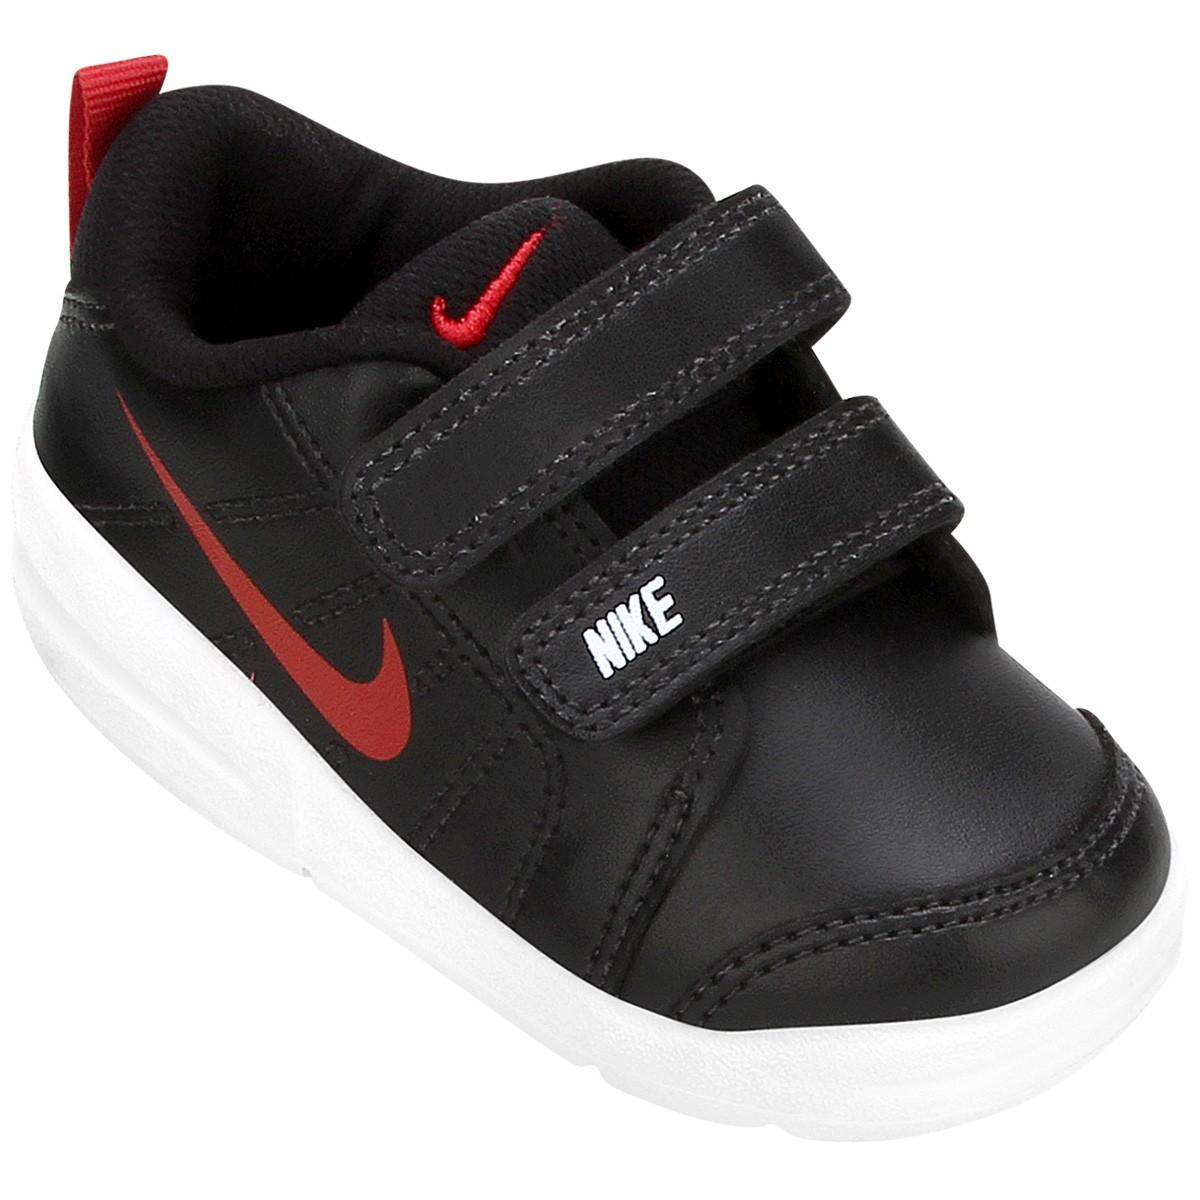 24aac9c136a Bizz Store - Tênis Infantil Menino Nike Pico LT Preto